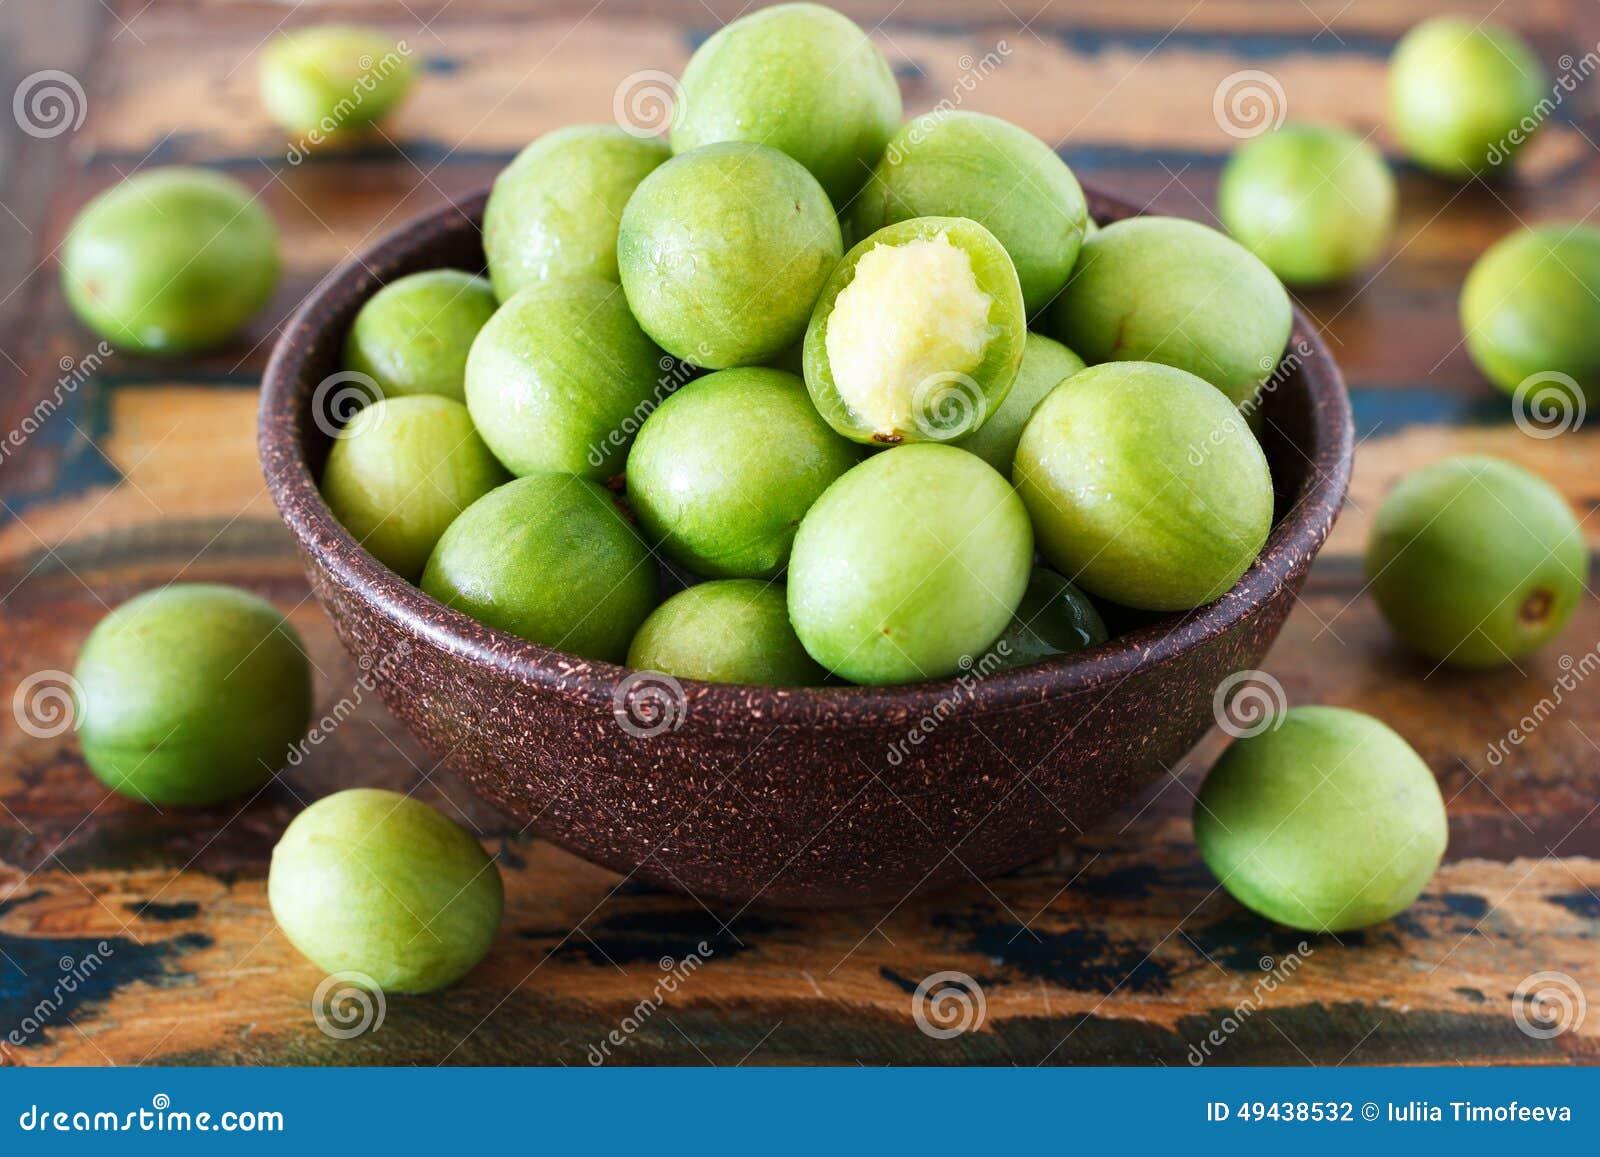 巴西果子热带母果tuberosa (巴西李子,umbu, imbu)在木桌上的碗 选择